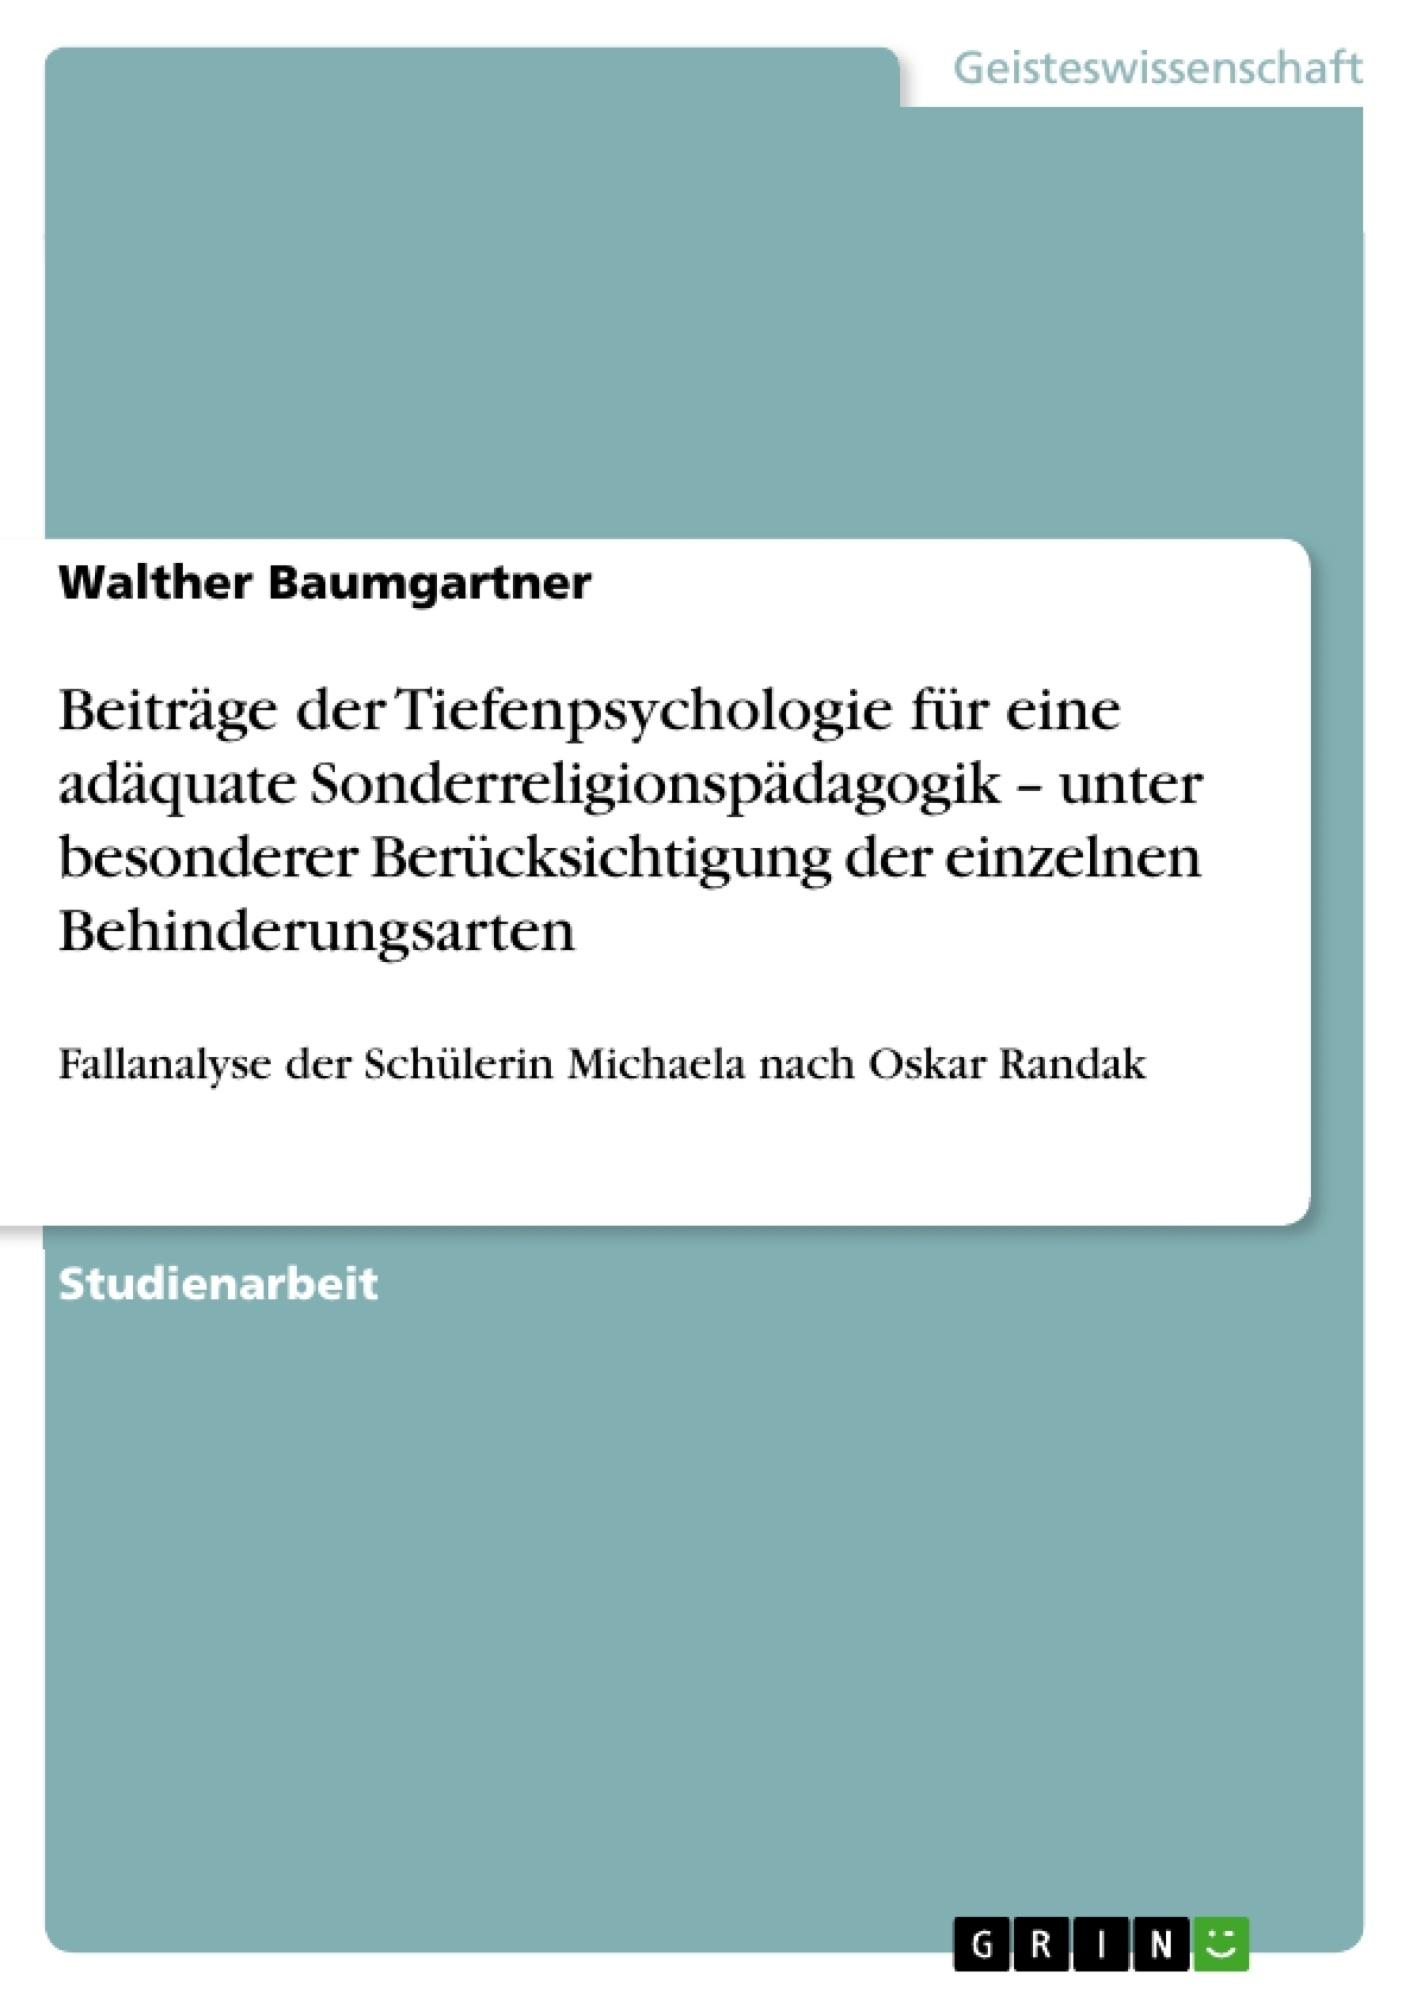 Titel: Beiträge der Tiefenpsychologie für eine adäquate Sonderreligionspädagogik – unter besonderer Berücksichtigung der einzelnen Behinderungsarten